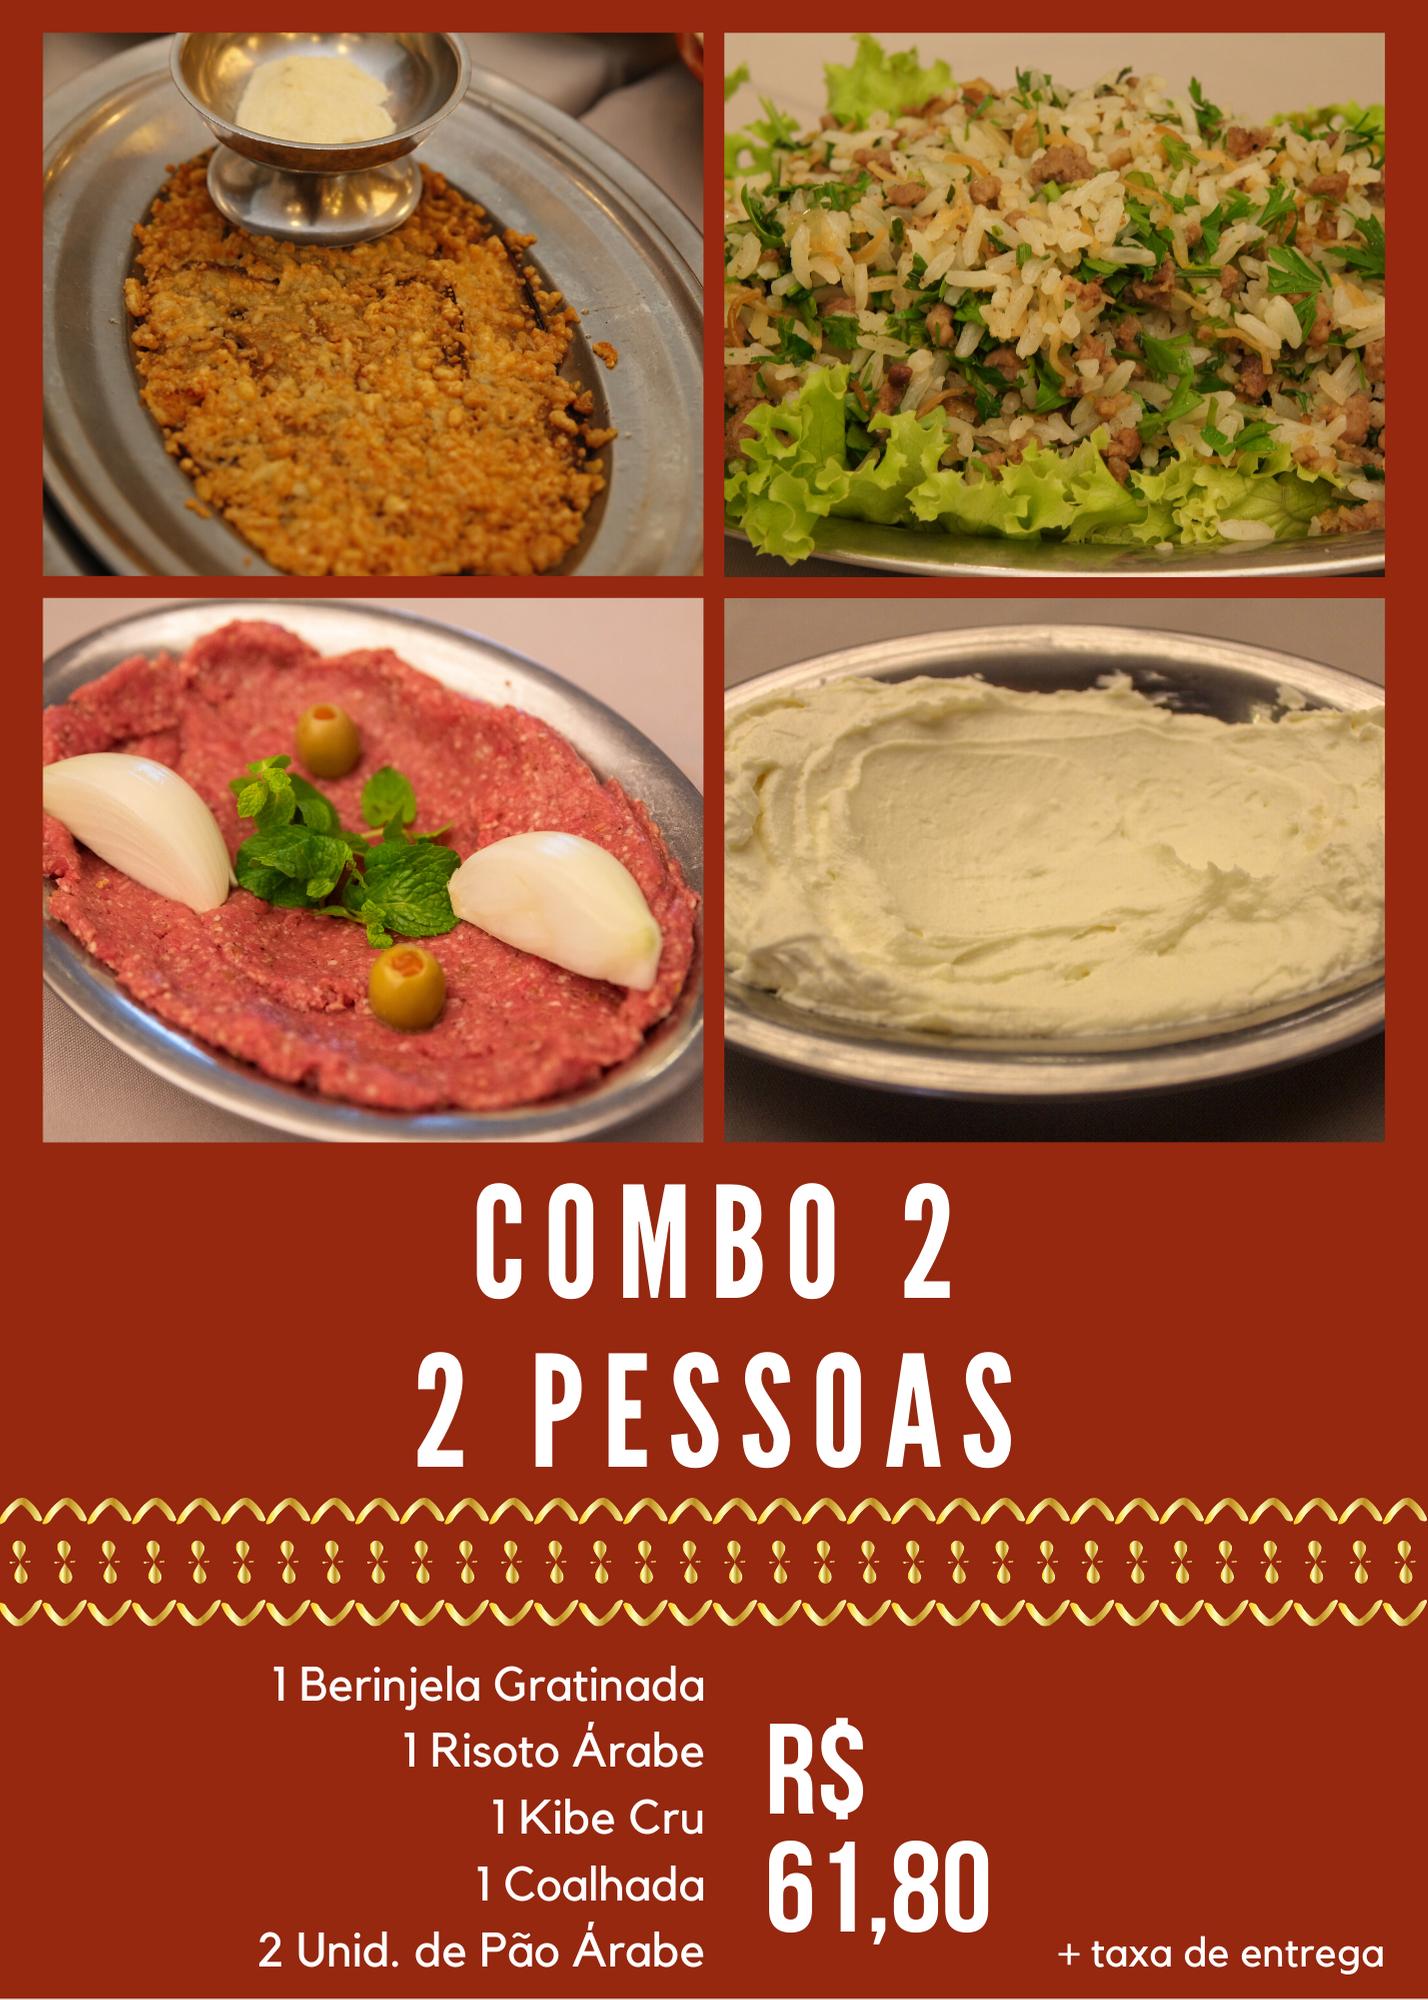 COMBO 2 - 2 PESSOAS - R$ 61,80